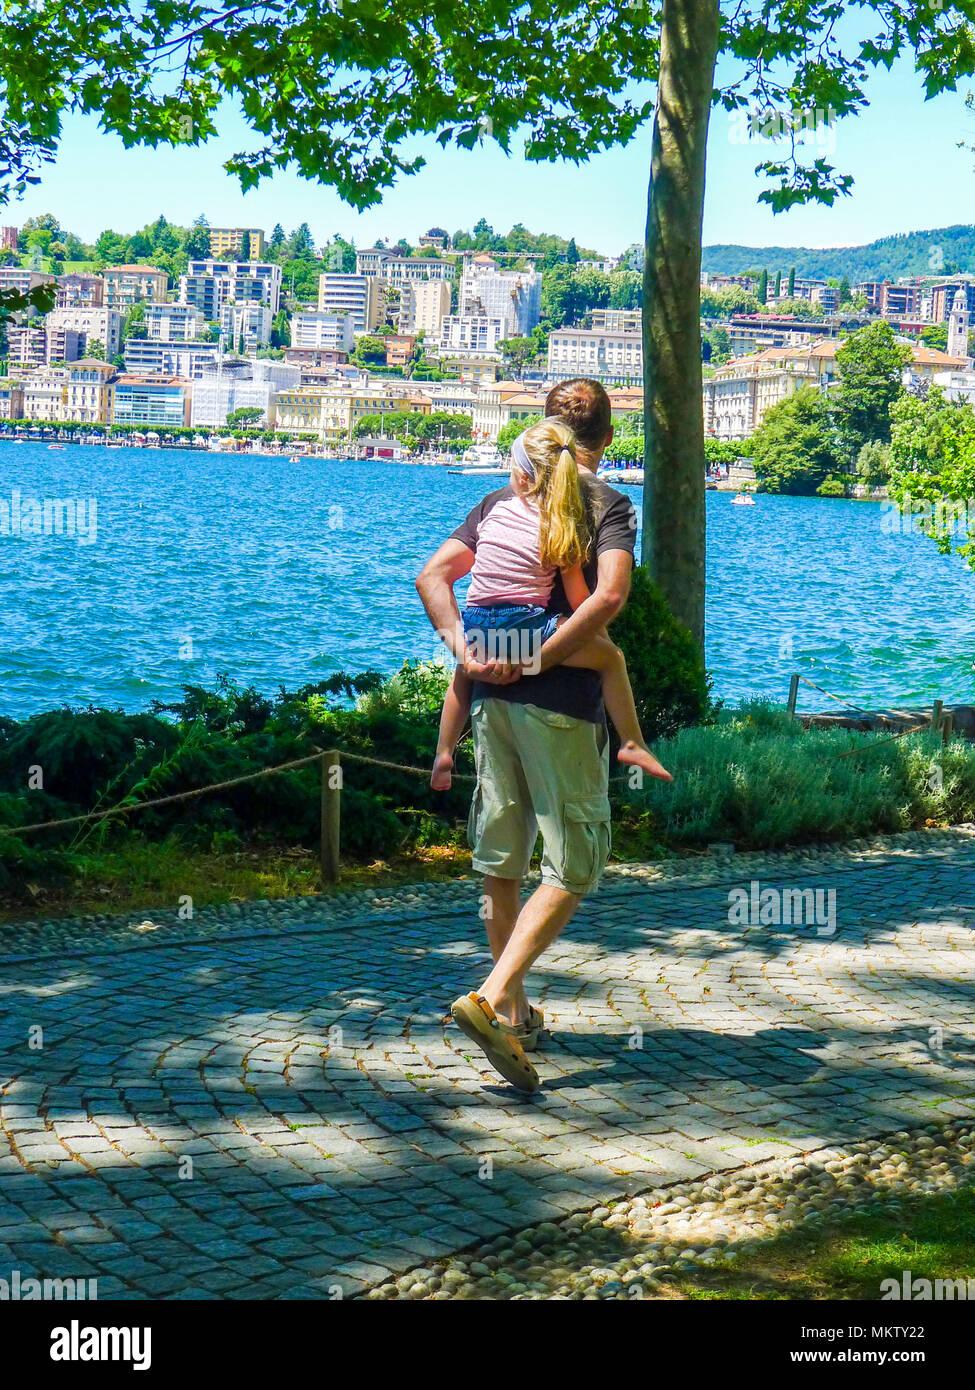 Padre hija papá niño niña kid piggyback piggy back soleados veranos día, Lugano, Suiza la vida familiar despreocupada vida feliz mejor vida amor familiar Imagen De Stock